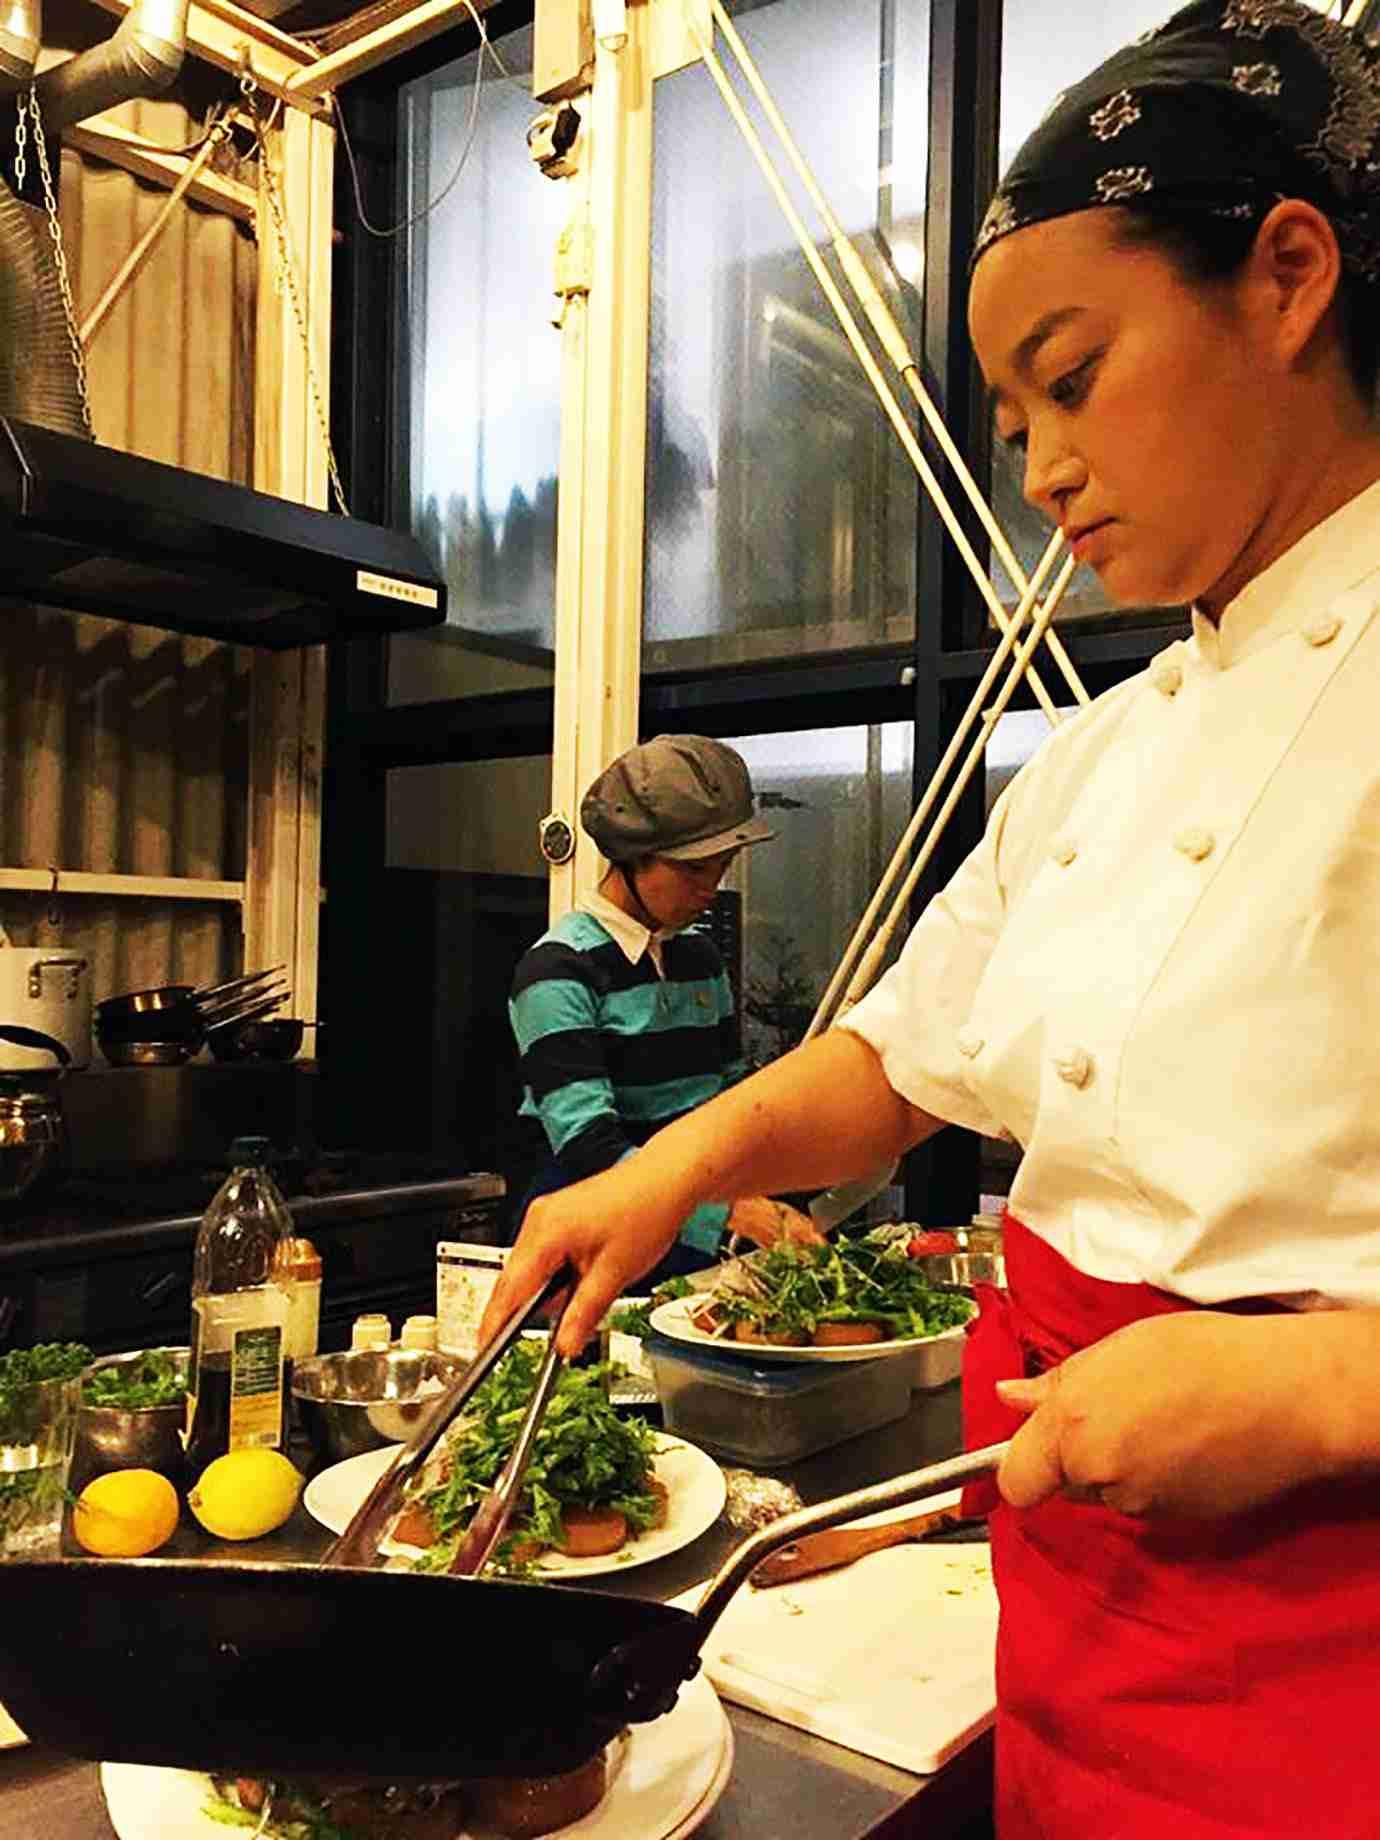 【革命】代金を客が決める鬼丸食堂オープン / 支払いはお金以外でもOK「お手伝いでもパフォーマンスでも可能」 | バズプラスニュース Buzz+